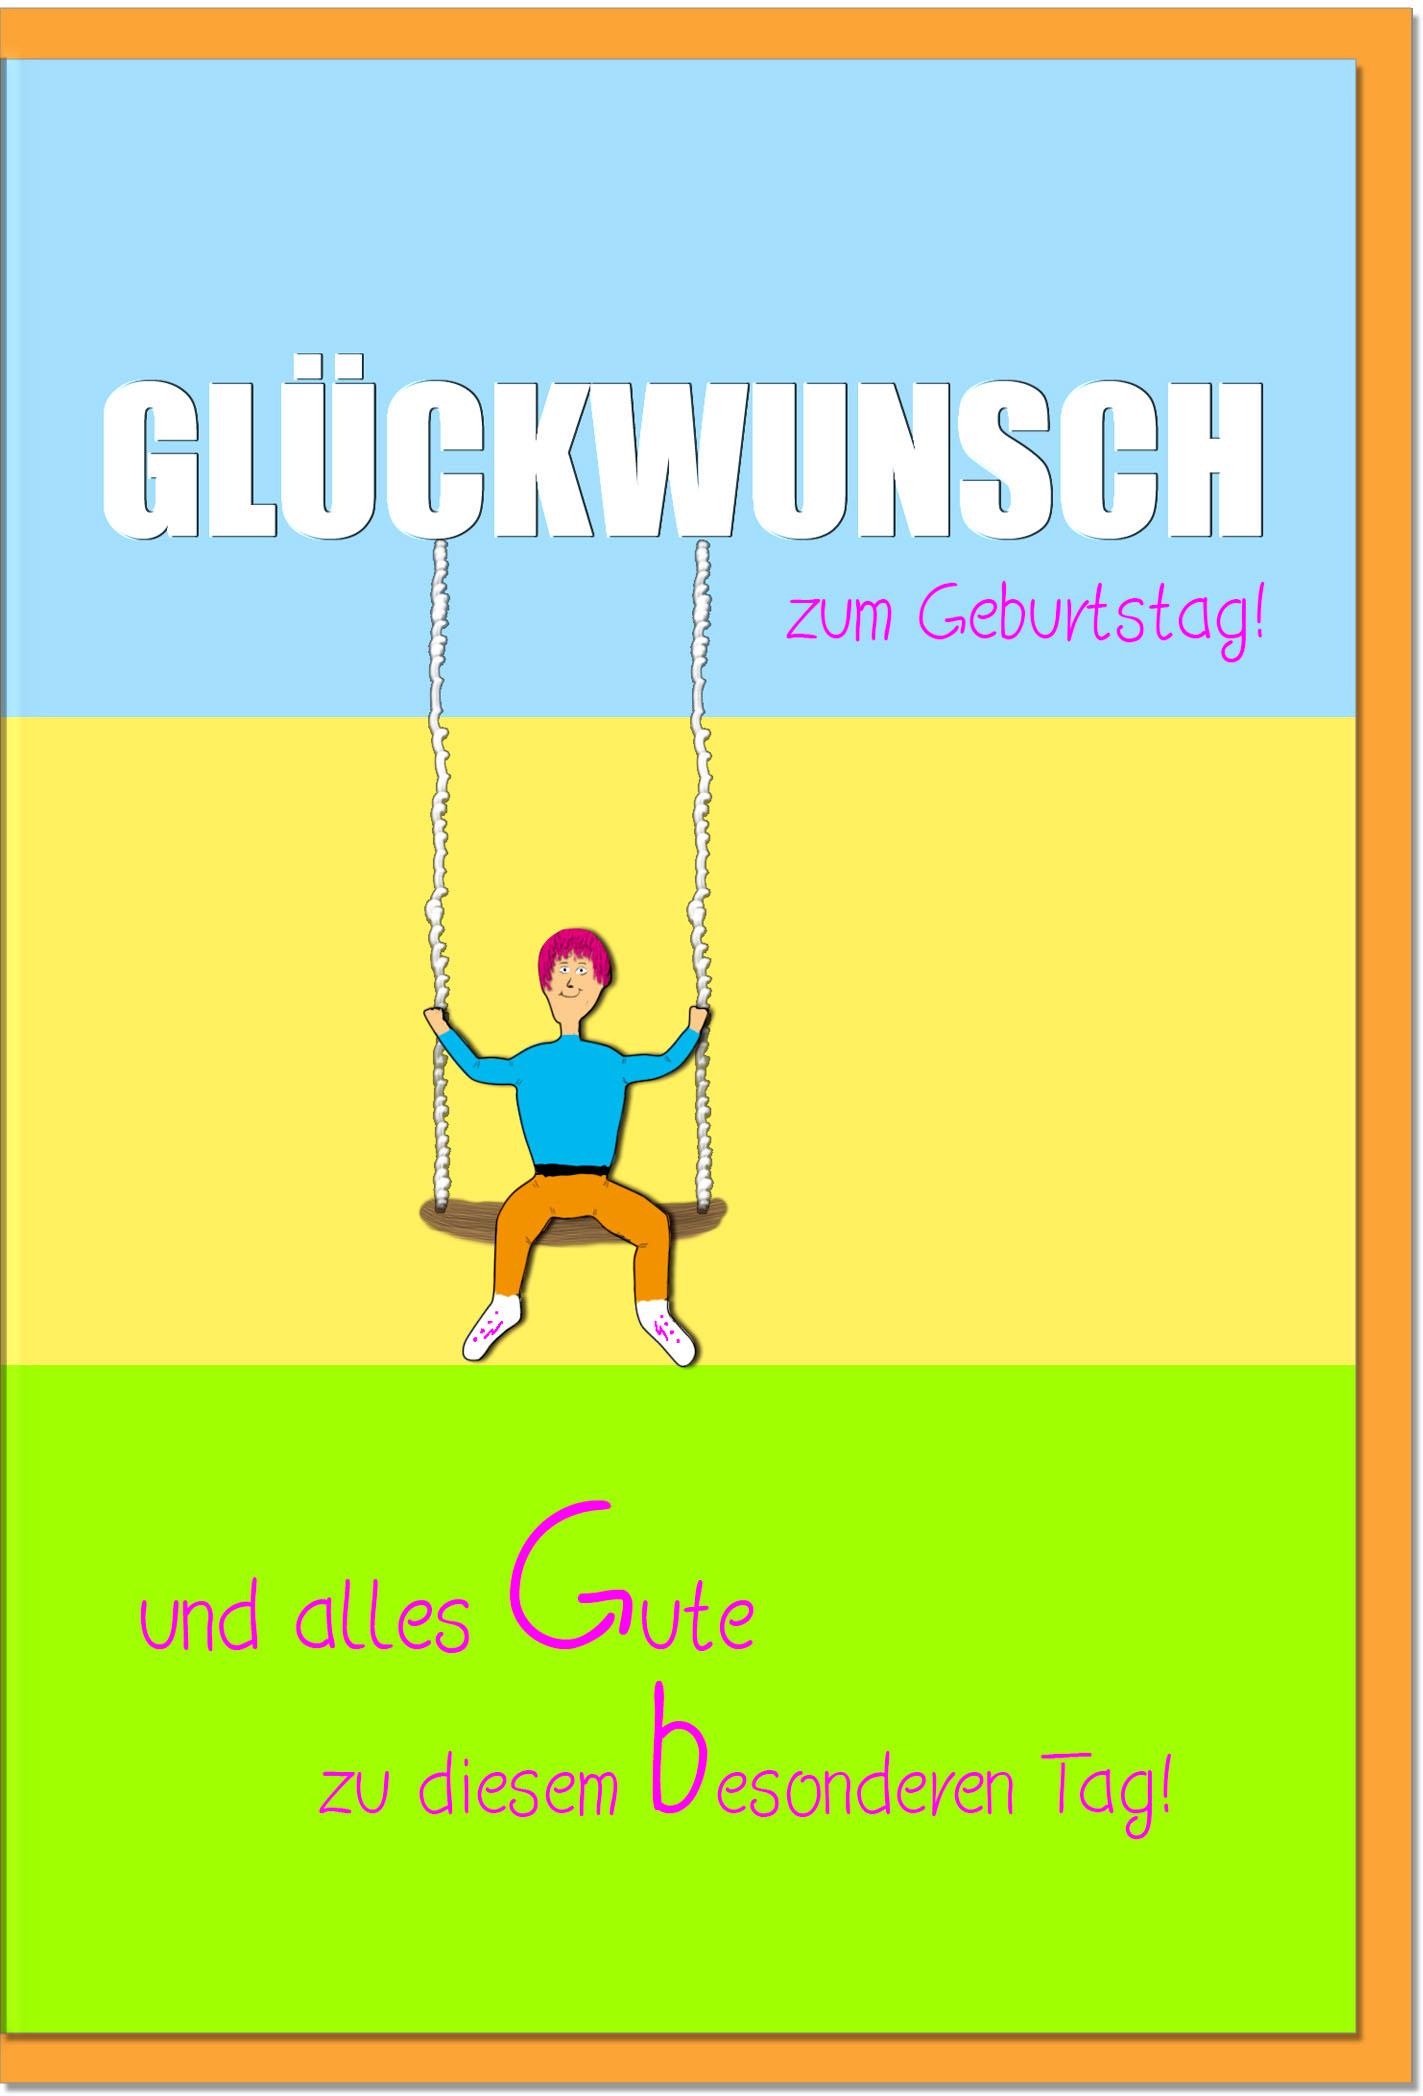 Geburtstagskarten / Grußkarten /Geburtstag Schaukel